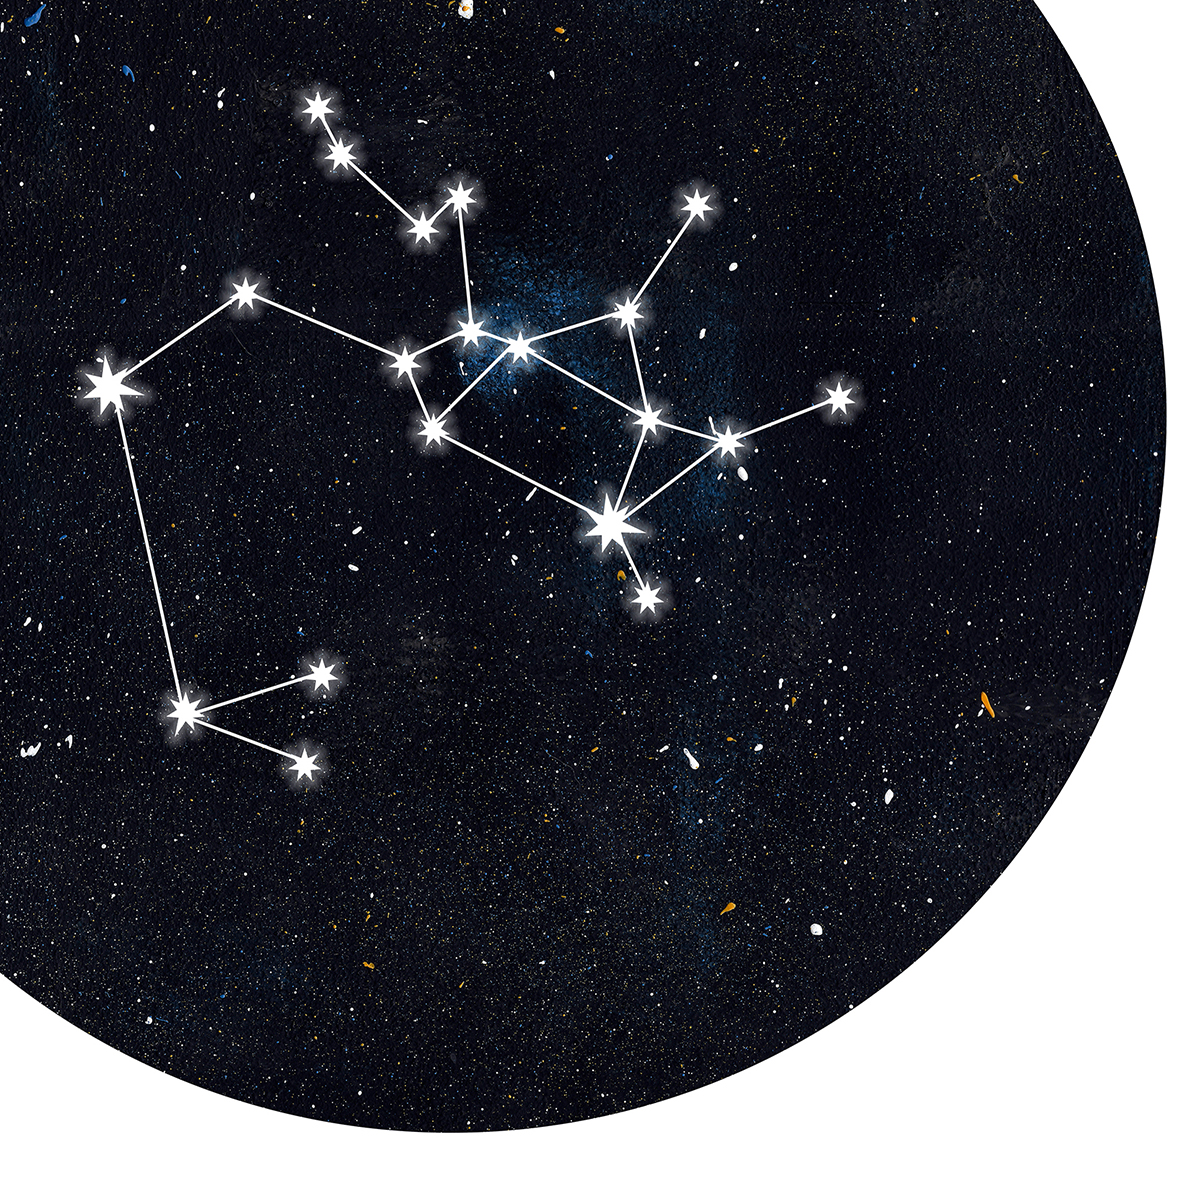 Sternzeichen Schütze Poster Kunstdruck DIN A4